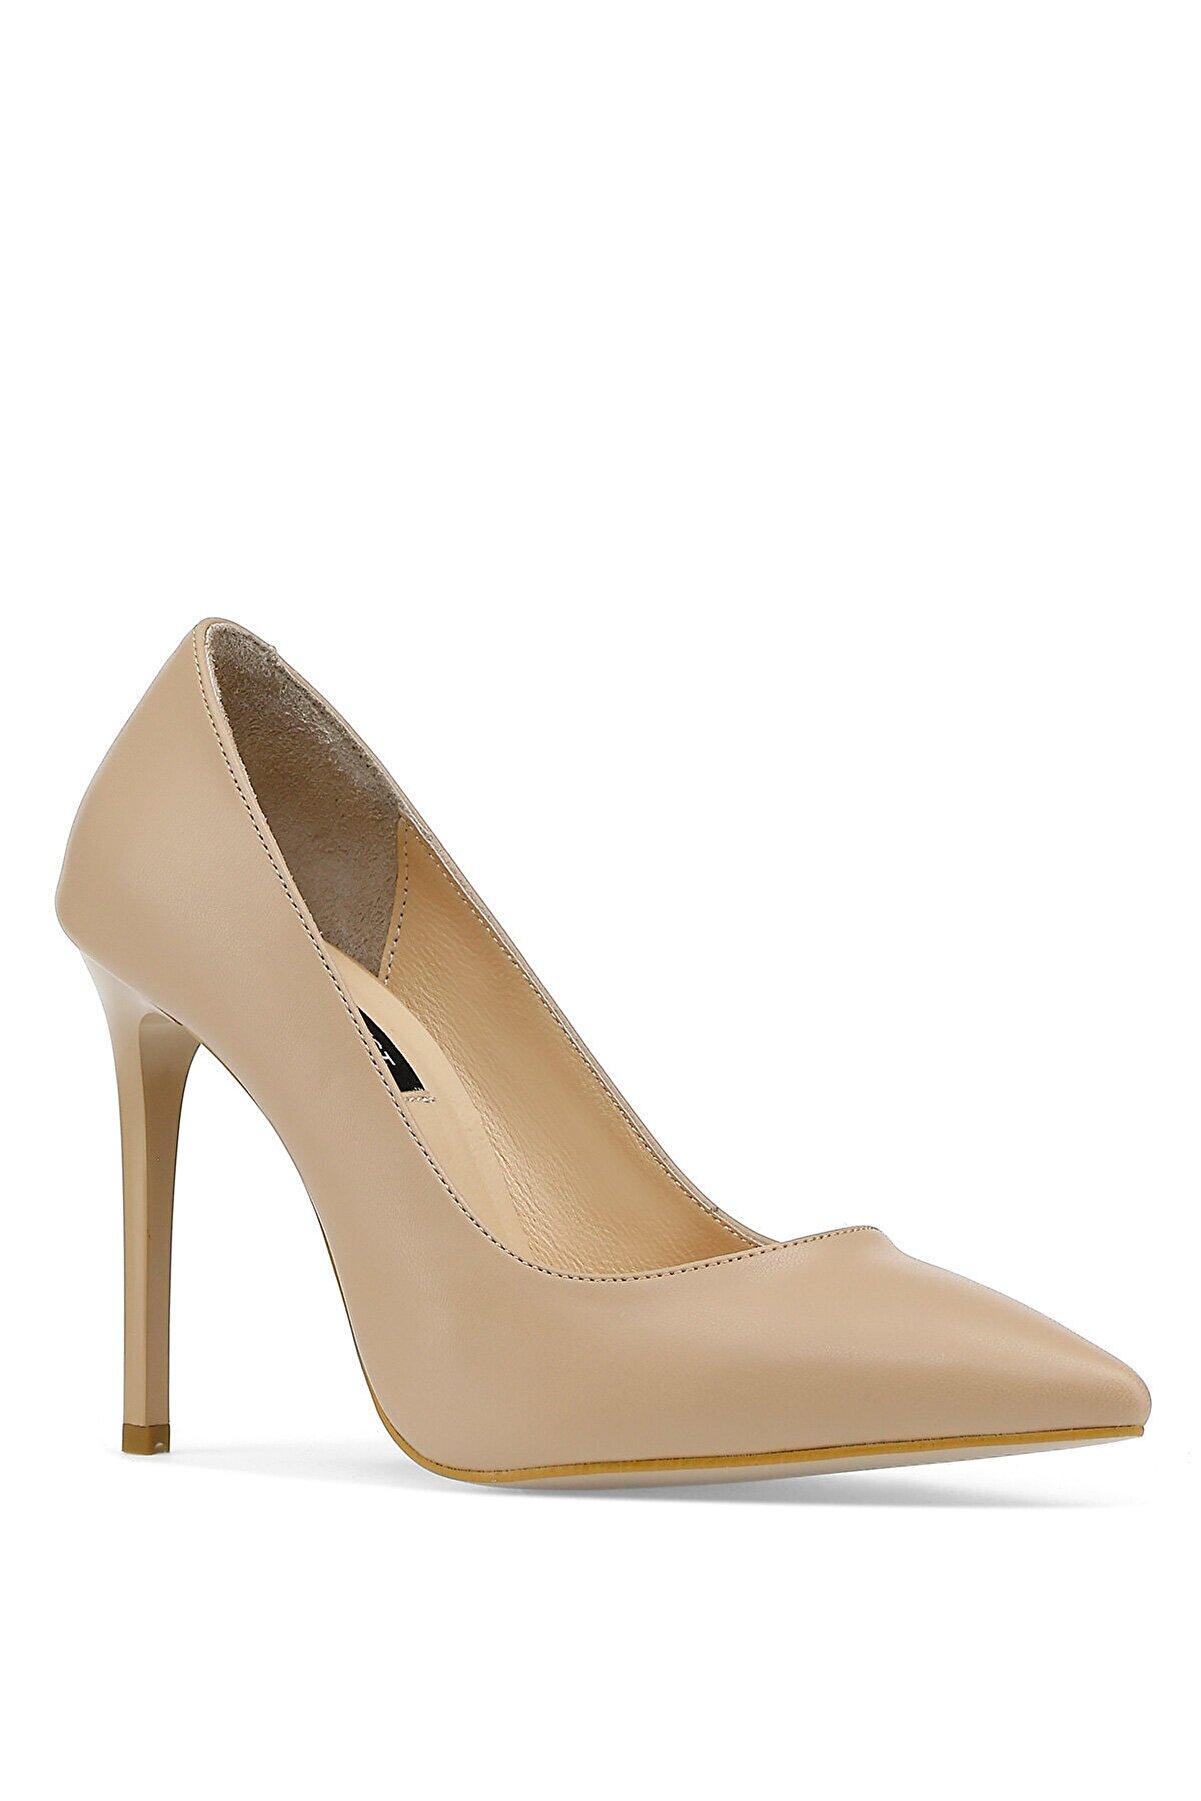 Nine West Tulena 1pr Bej Kadın Gova Ayakkabı